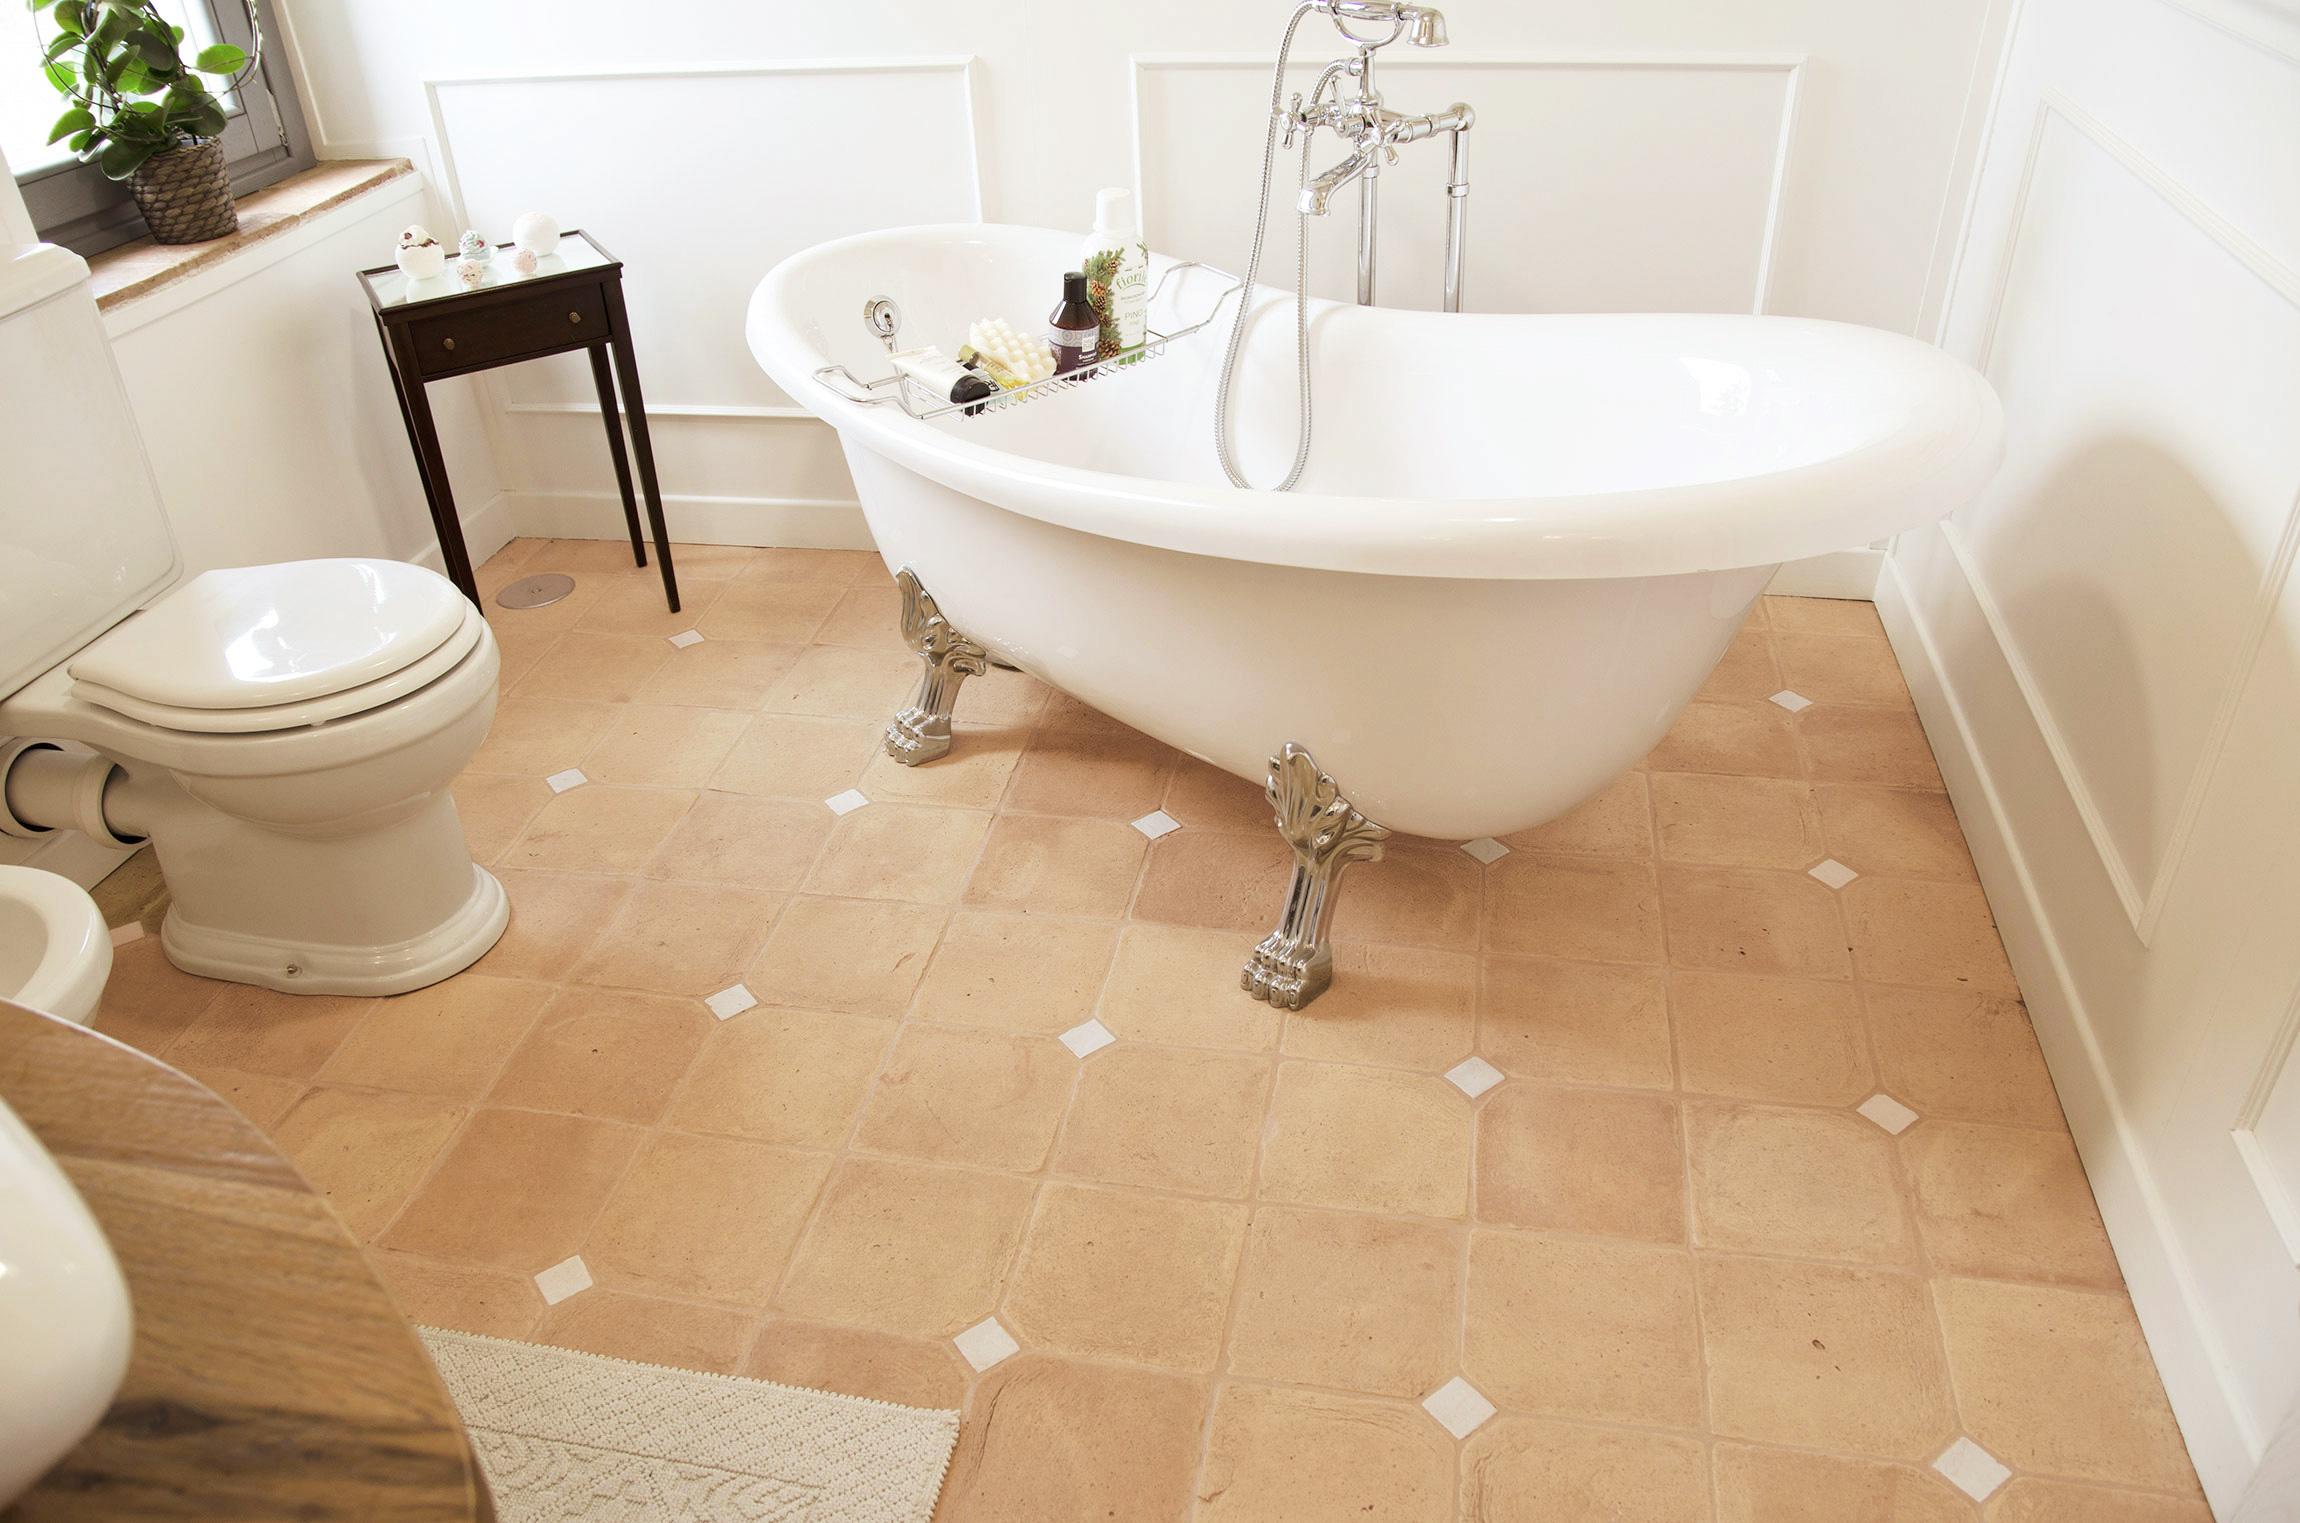 pavimenti in cotto stile provenzale